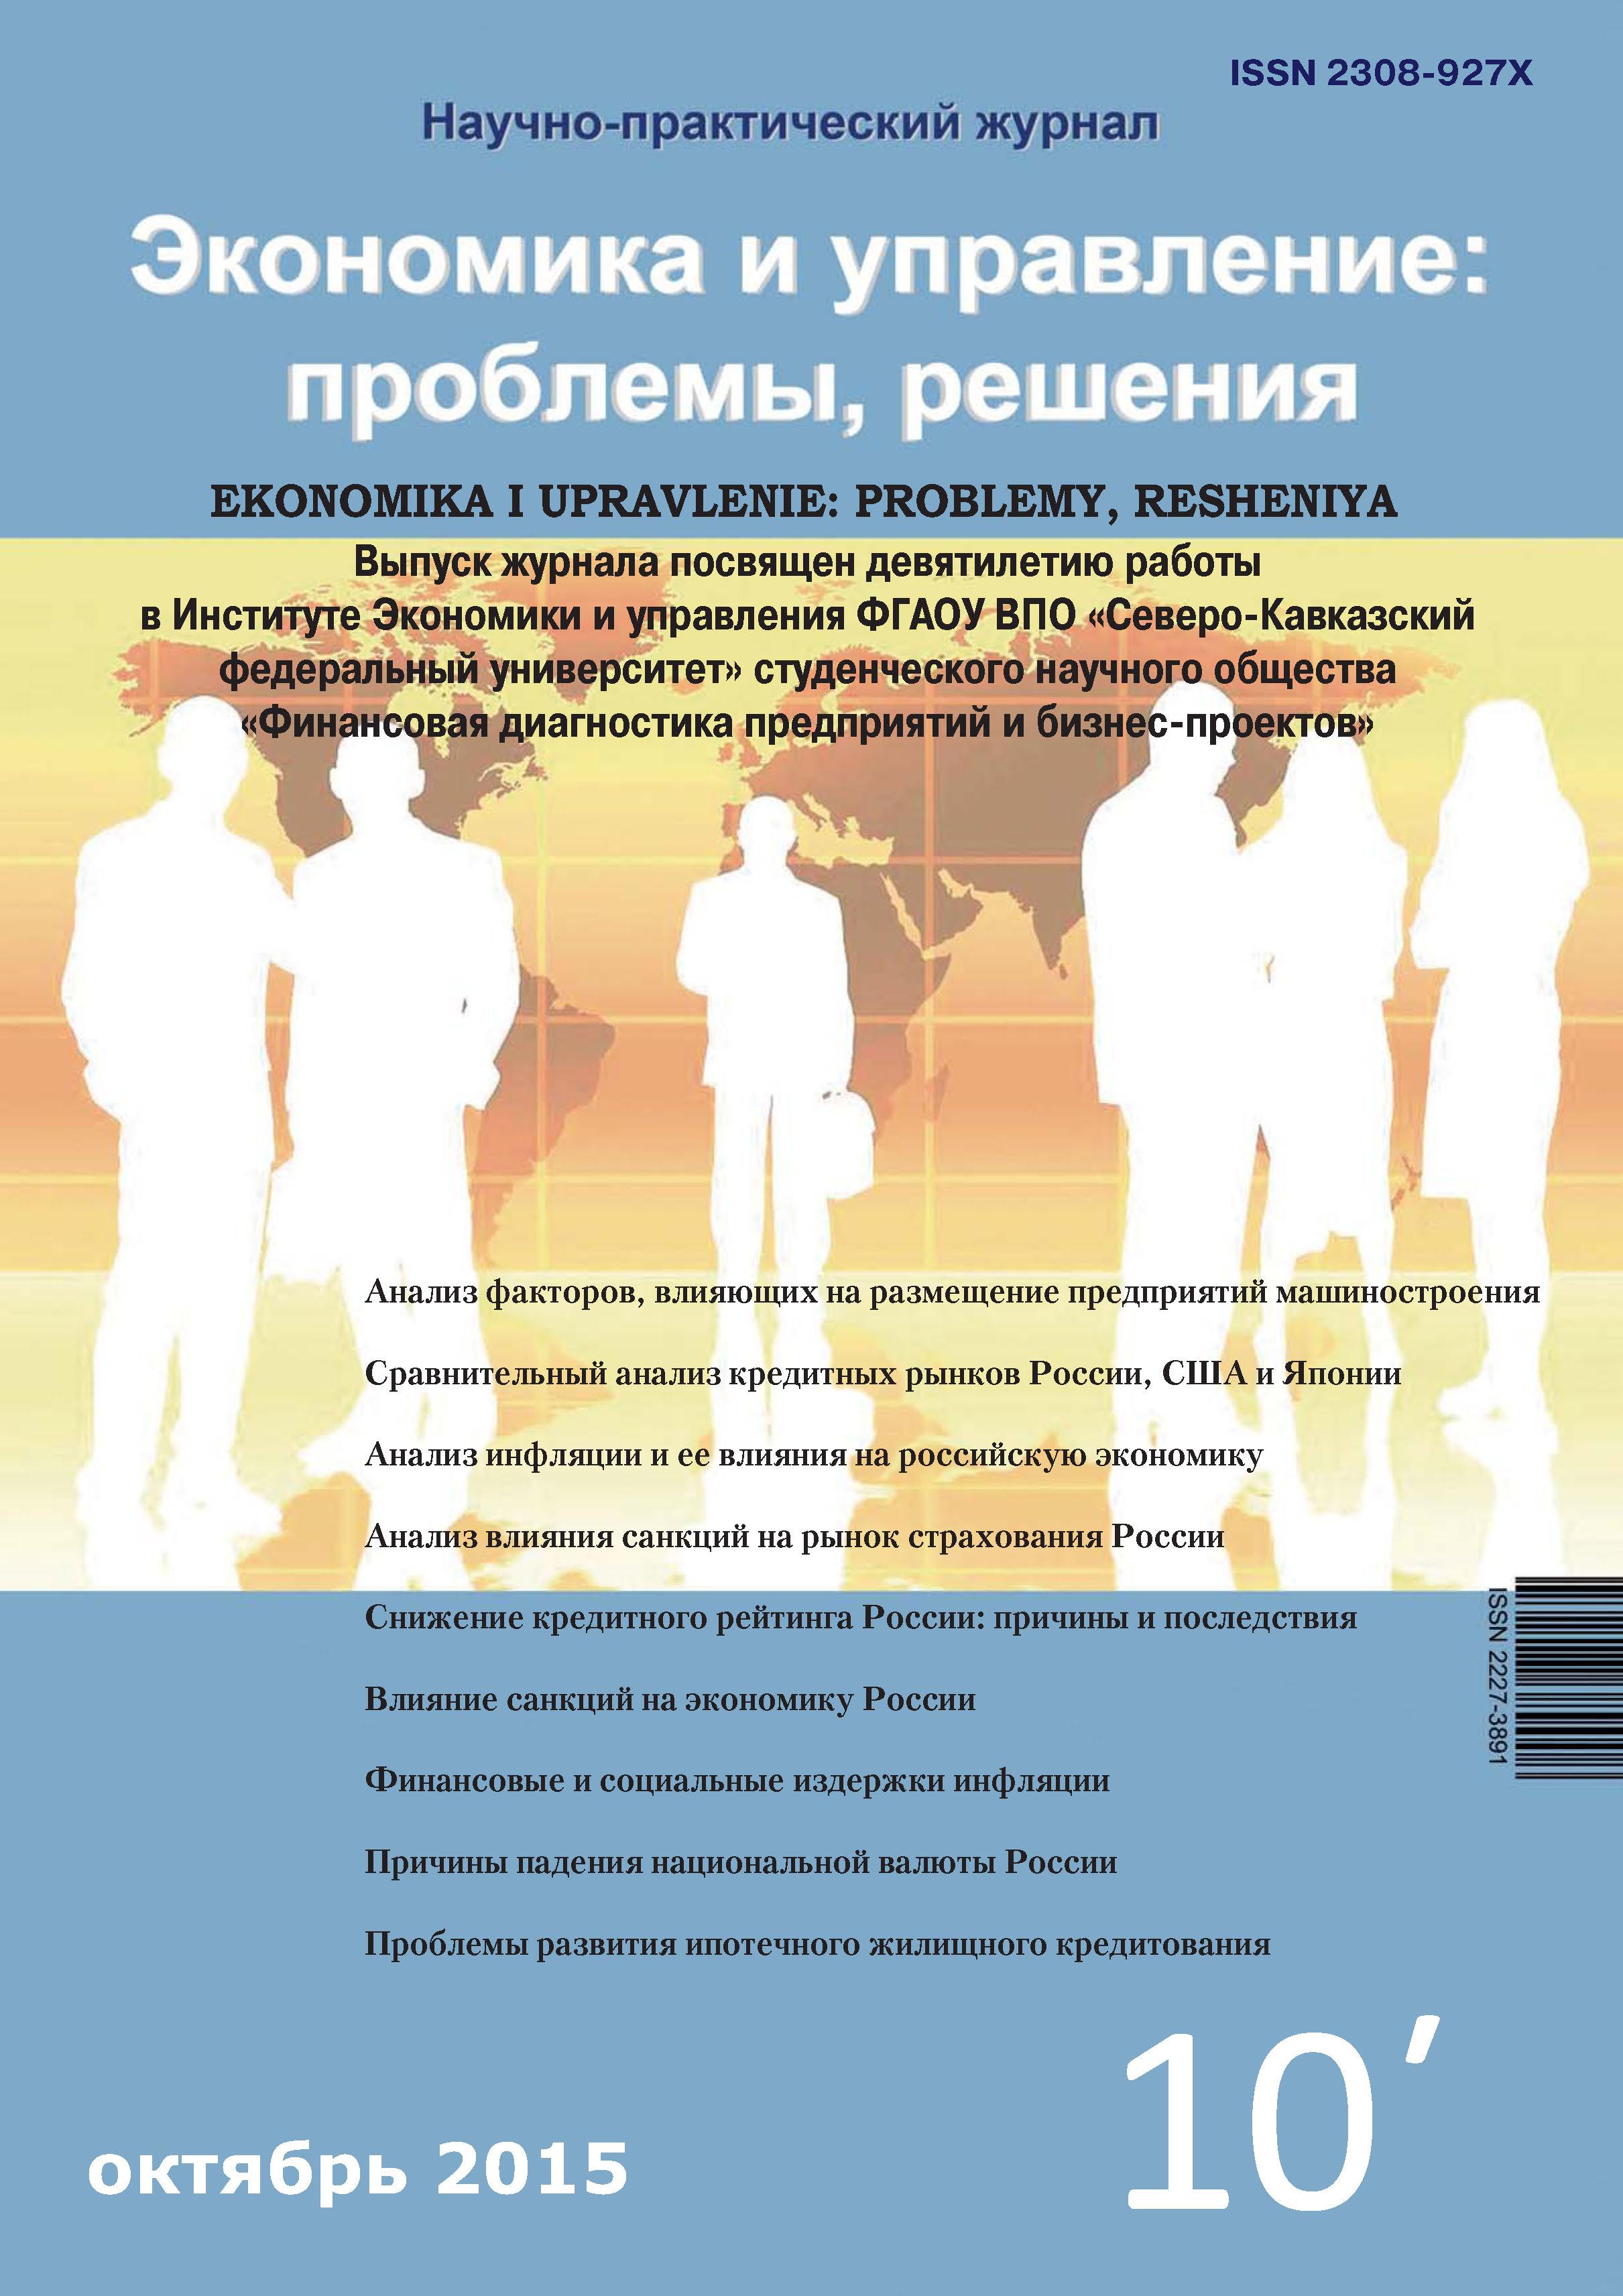 Отсутствует Экономика и управление: проблемы, решения №10/2015 стоимость